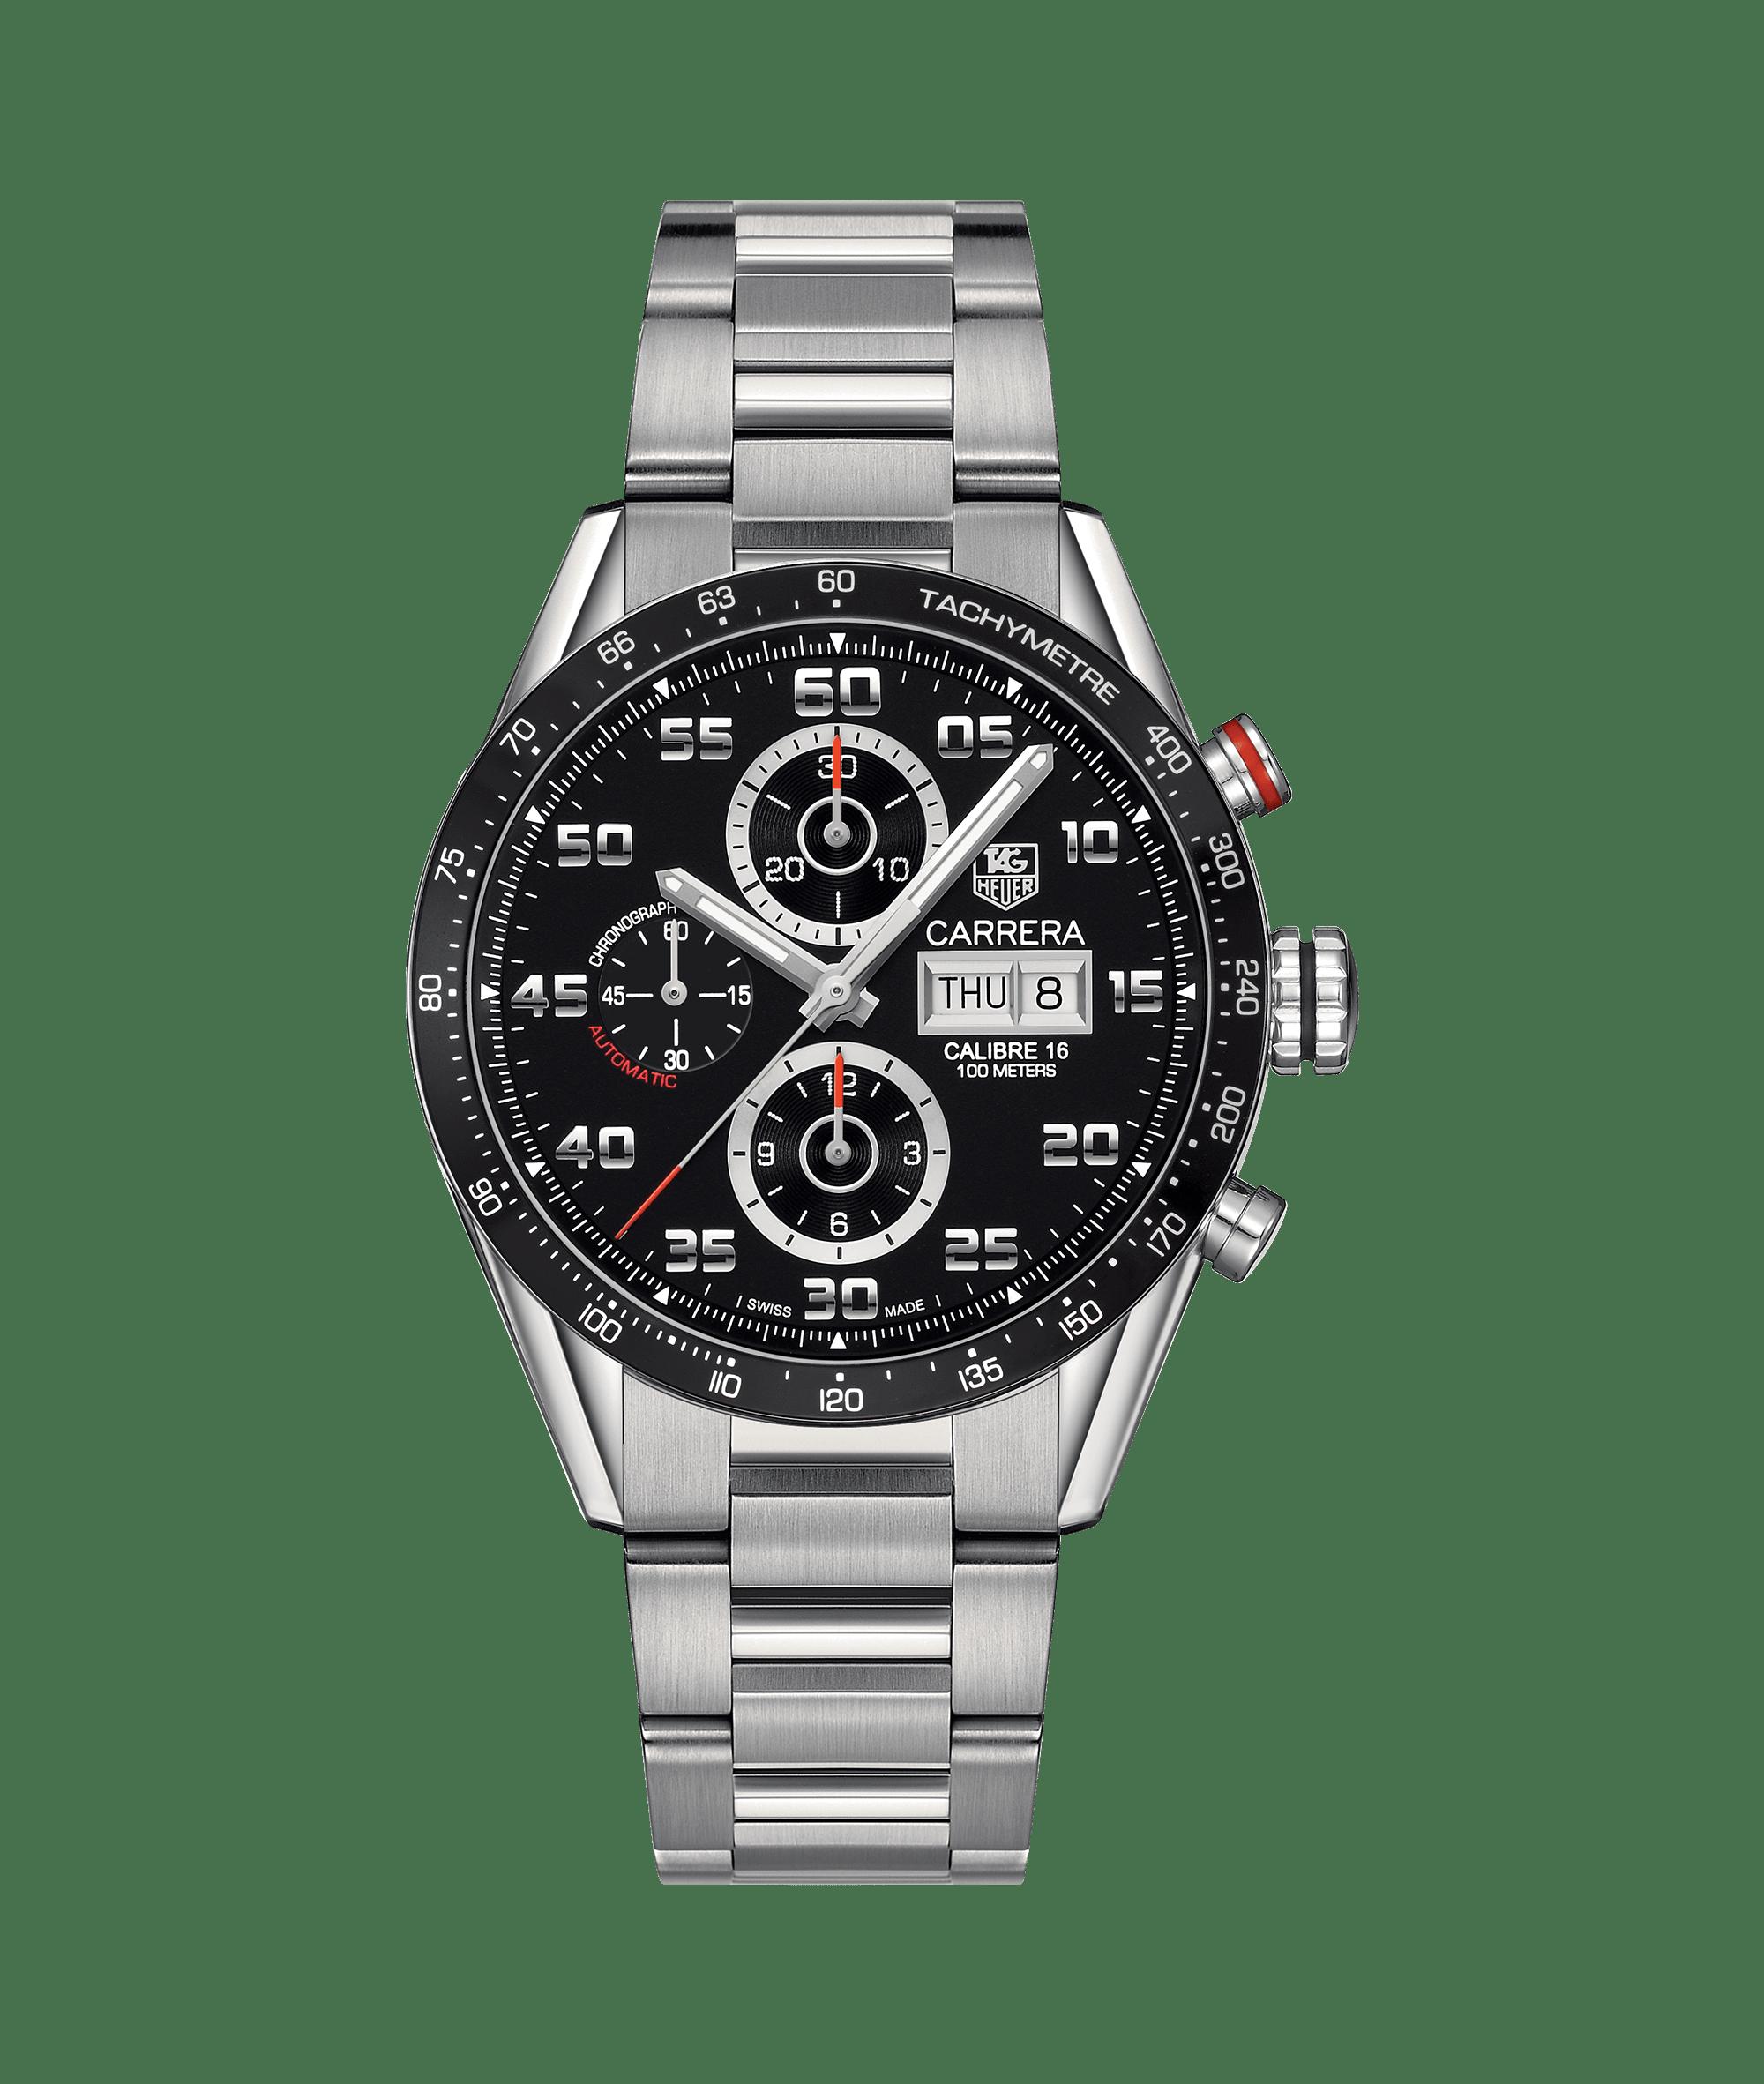 TAG Heuer Carrera Uhren neu, vintage und gebraucht kaufen